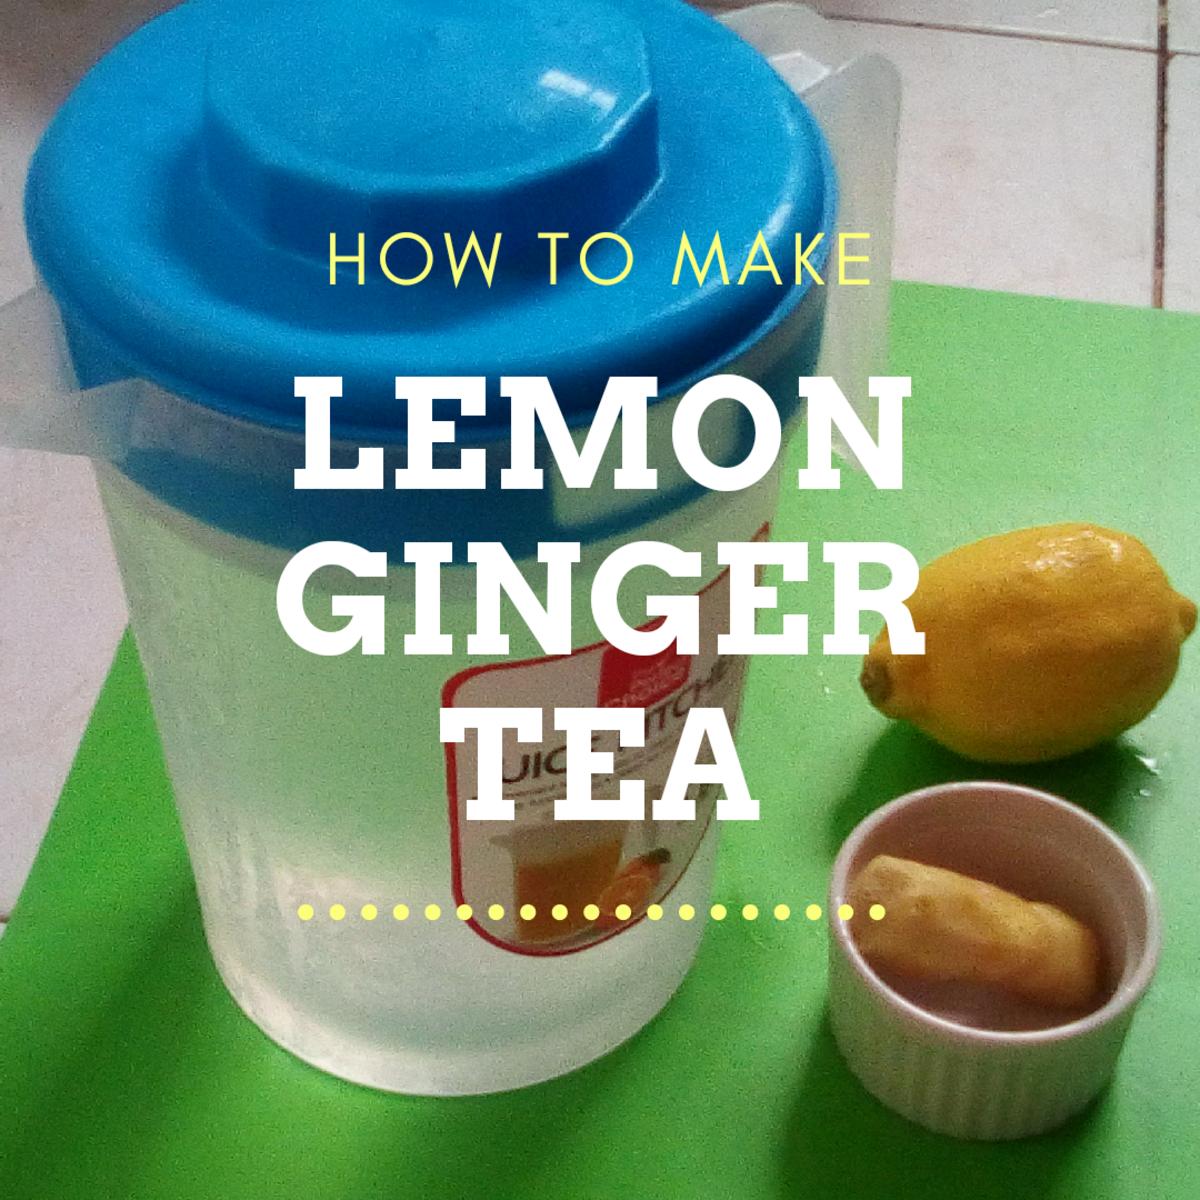 How to Make Lemon Ginger Tea